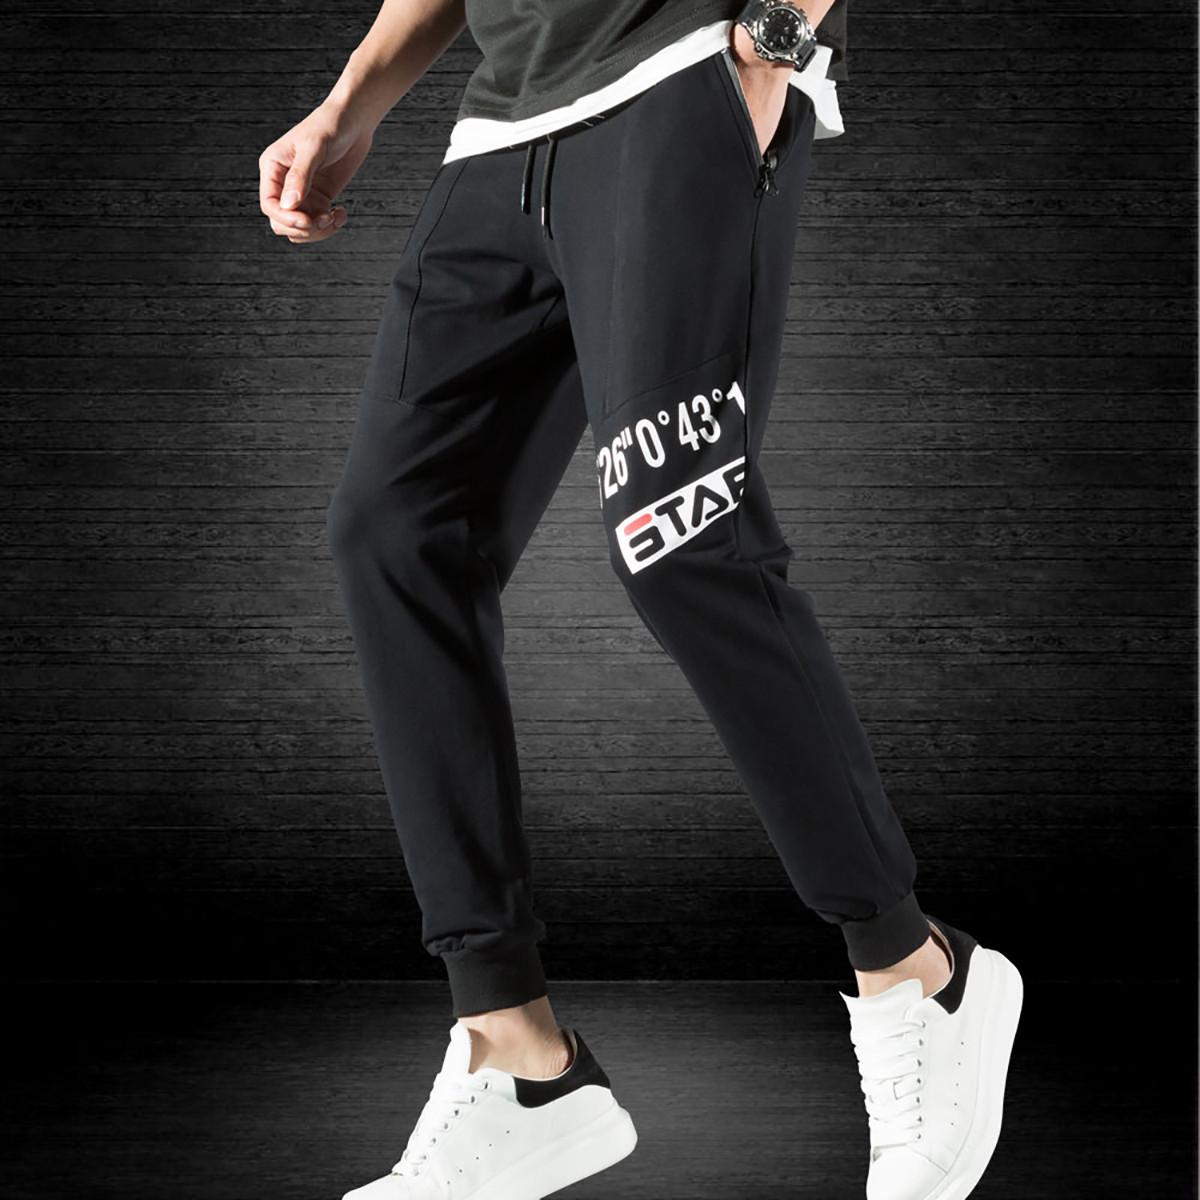 May Bear男士裤子休闲裤拉链口袋束脚裤工装裤子男新款休闲裤BM29126-1-701